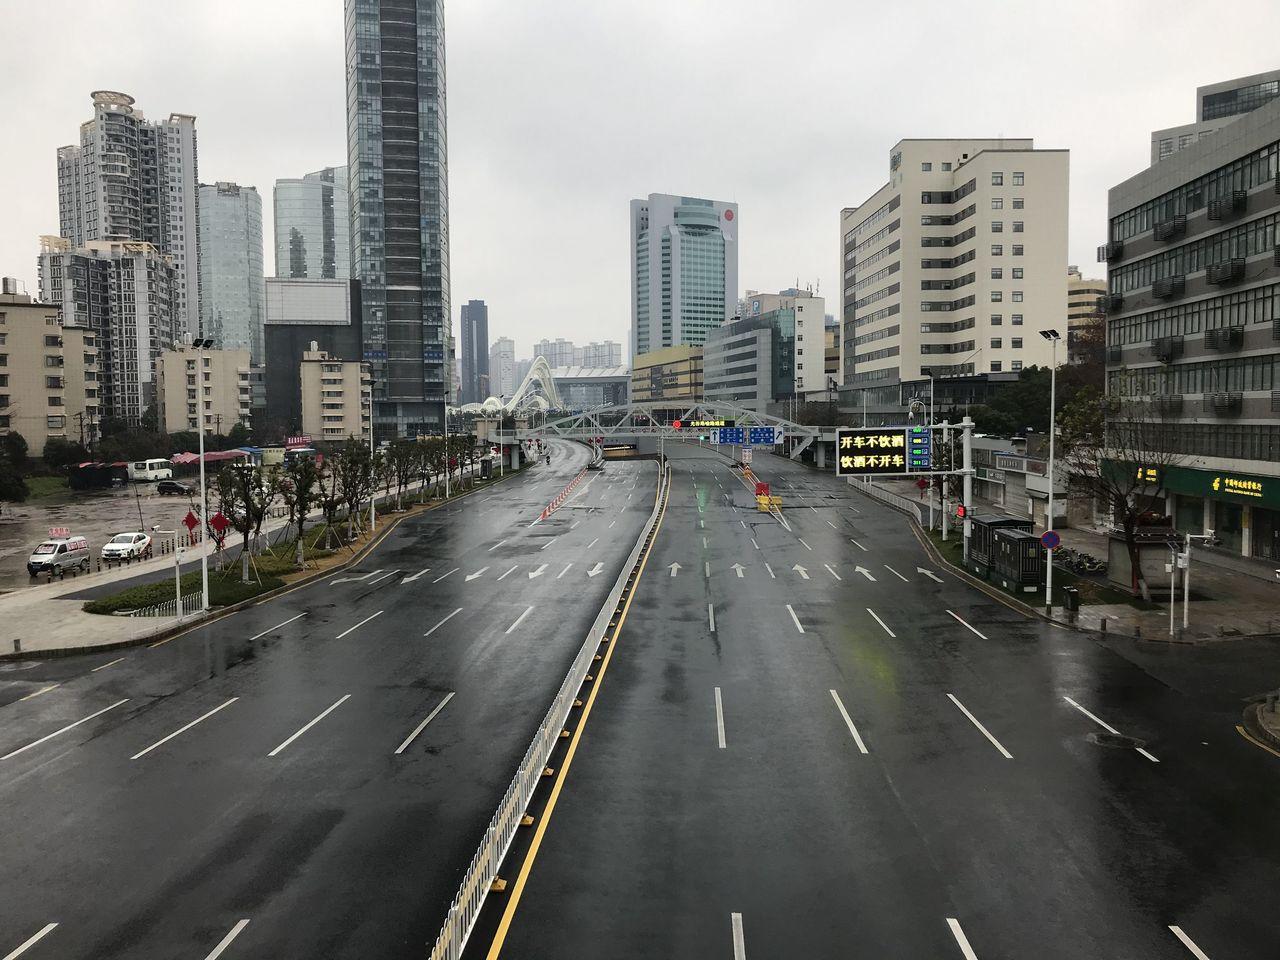 肺炎疫情升溫,率先封城的武漢流出的影像顯示,擁有1100萬人口的武漢本週末街道大...